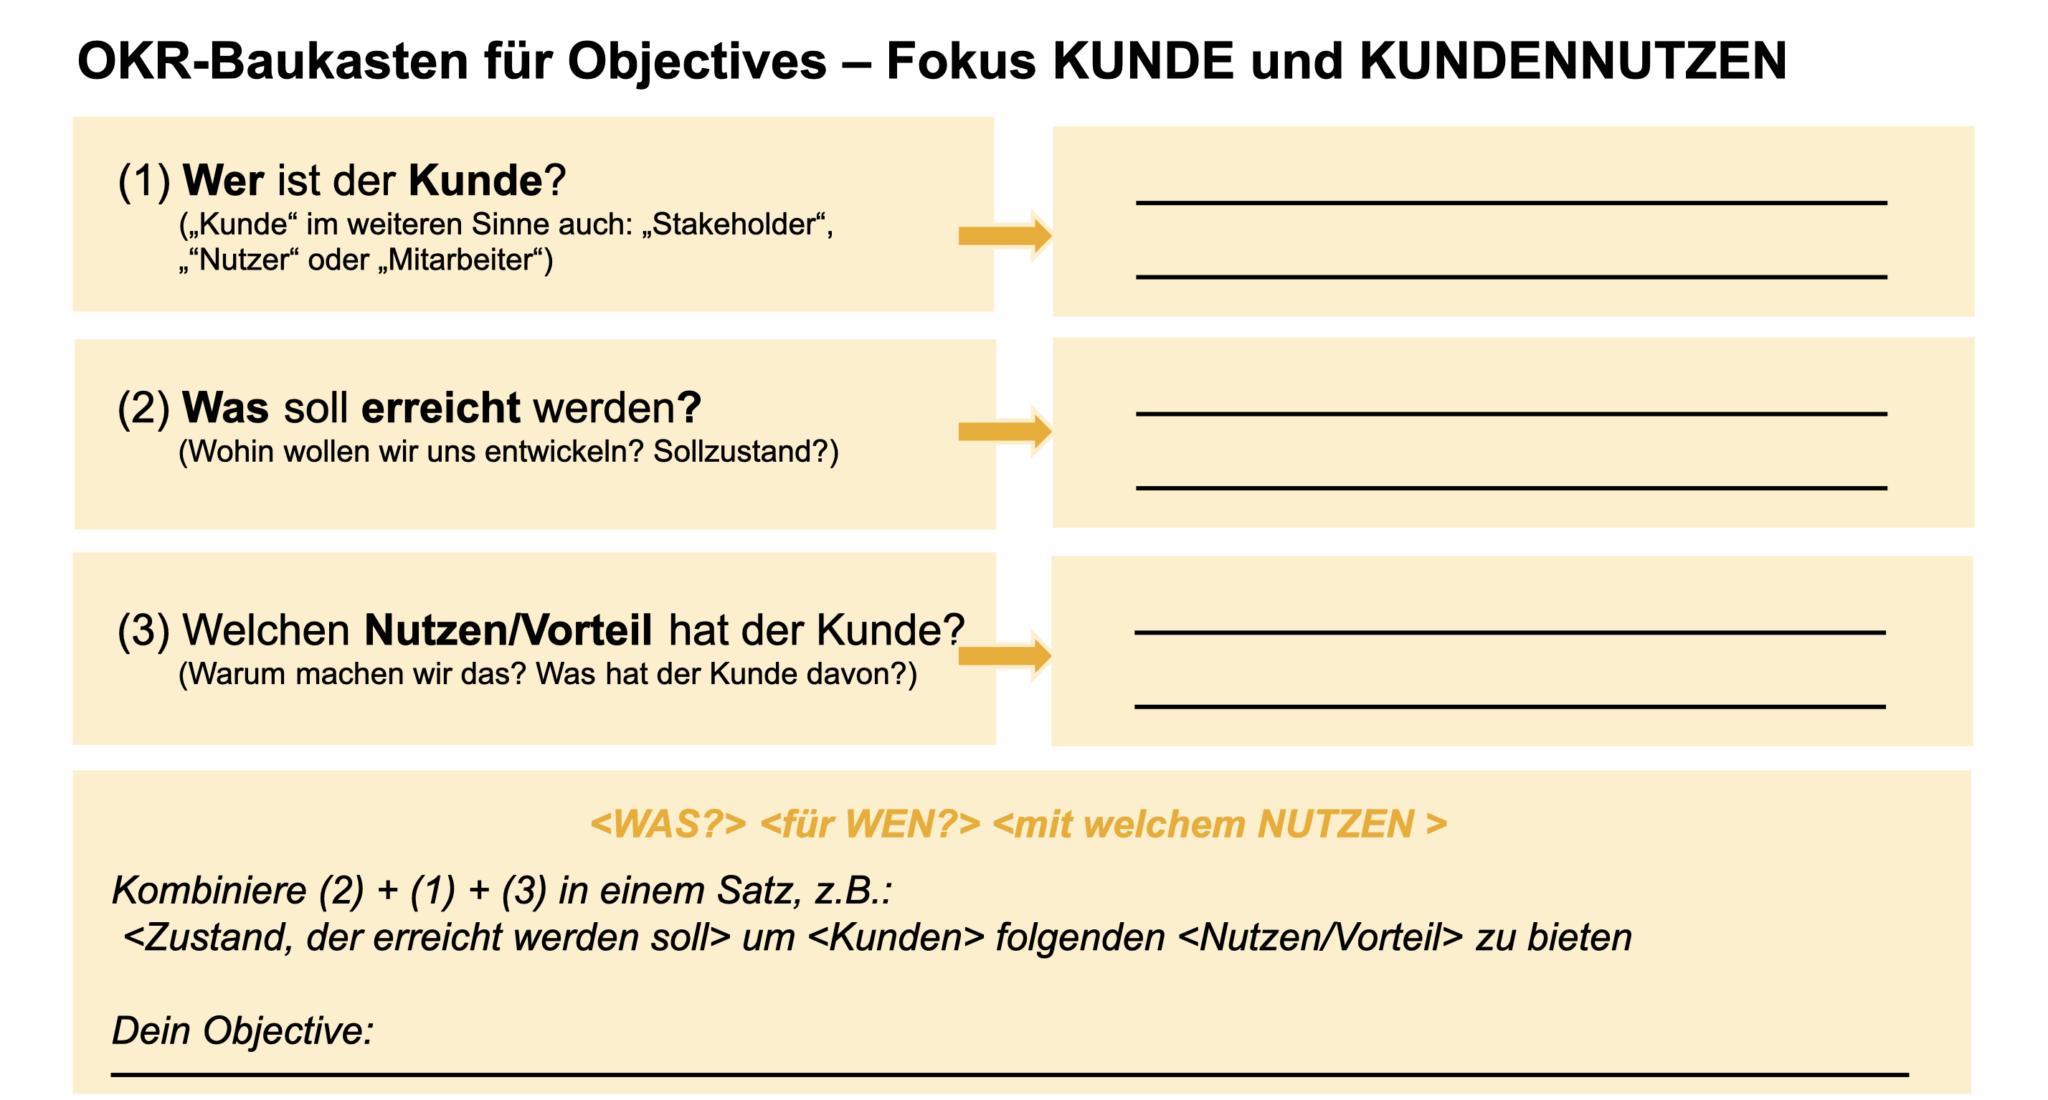 OKR-Baukasten für Objectives